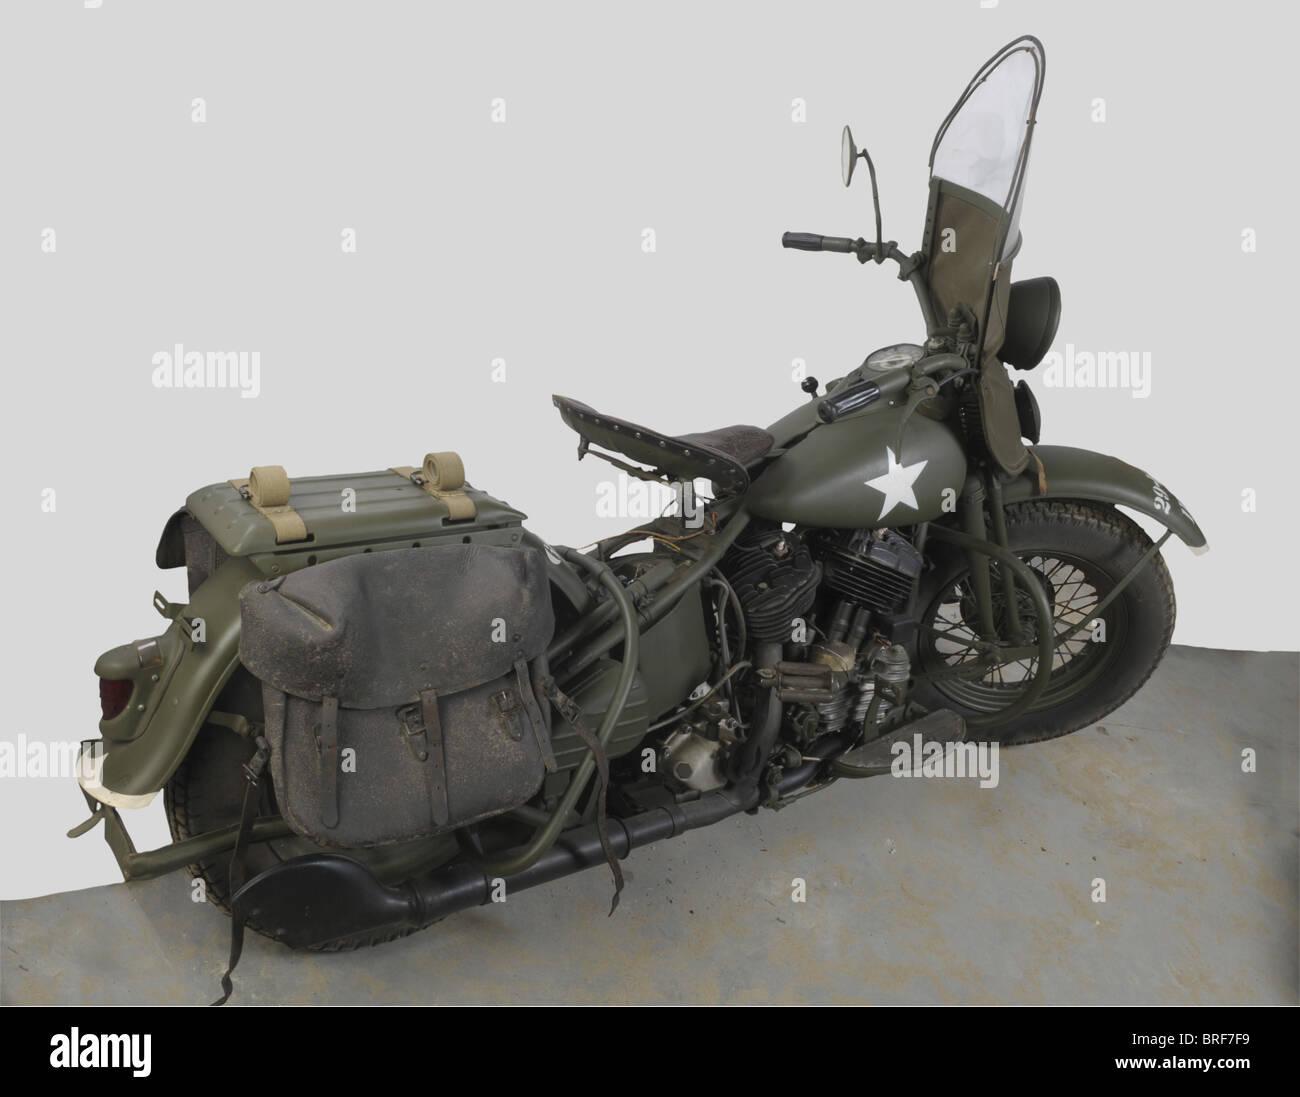 Véhicules Militaires, Moto Harley Davidson 1200 CC, Cette moto est un modèle assez rare. Fabriqué - Stock Image